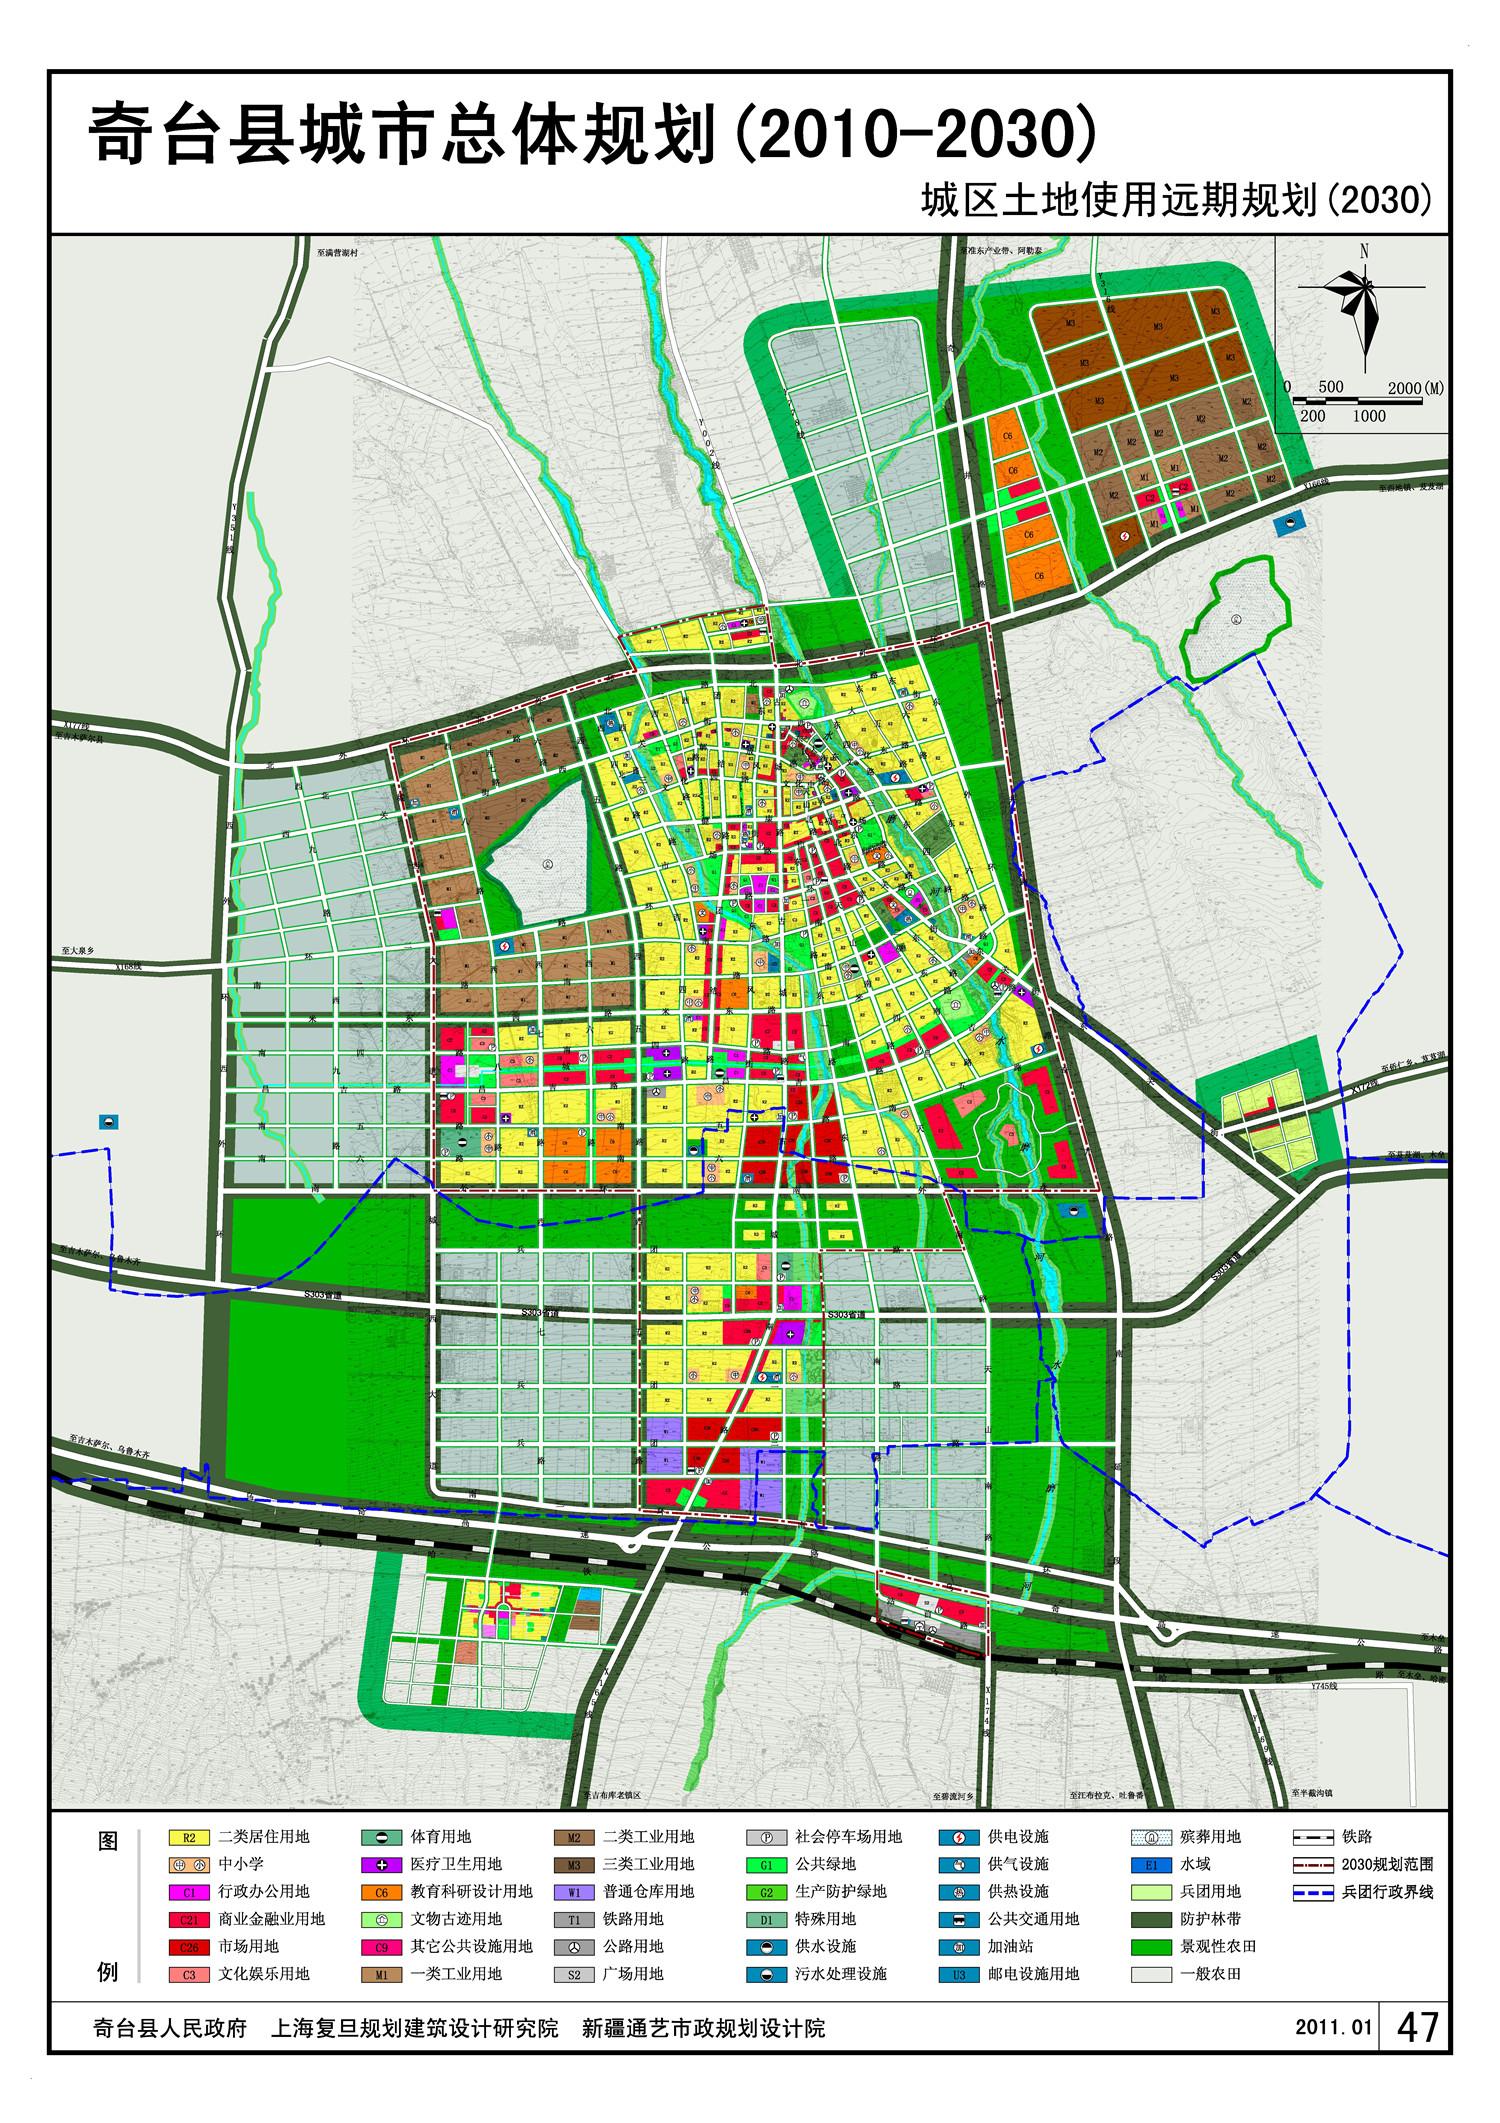 02 城区土地使用远期规划.jpg